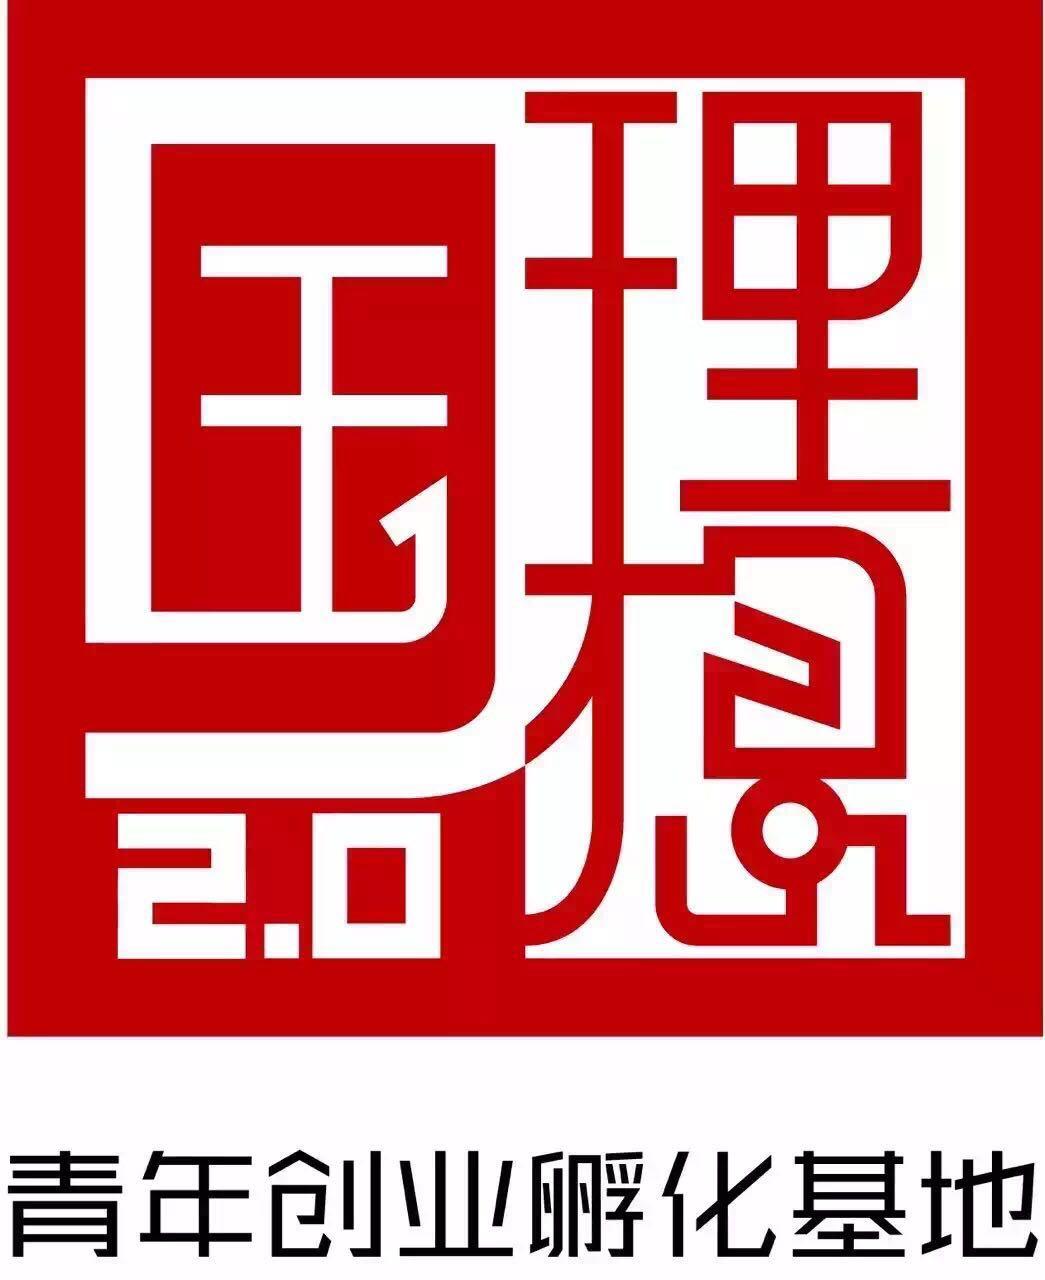 双井理想国_理想国青年(北京)投资基金管理有限公司招聘信息|招聘岗位|最新 ...